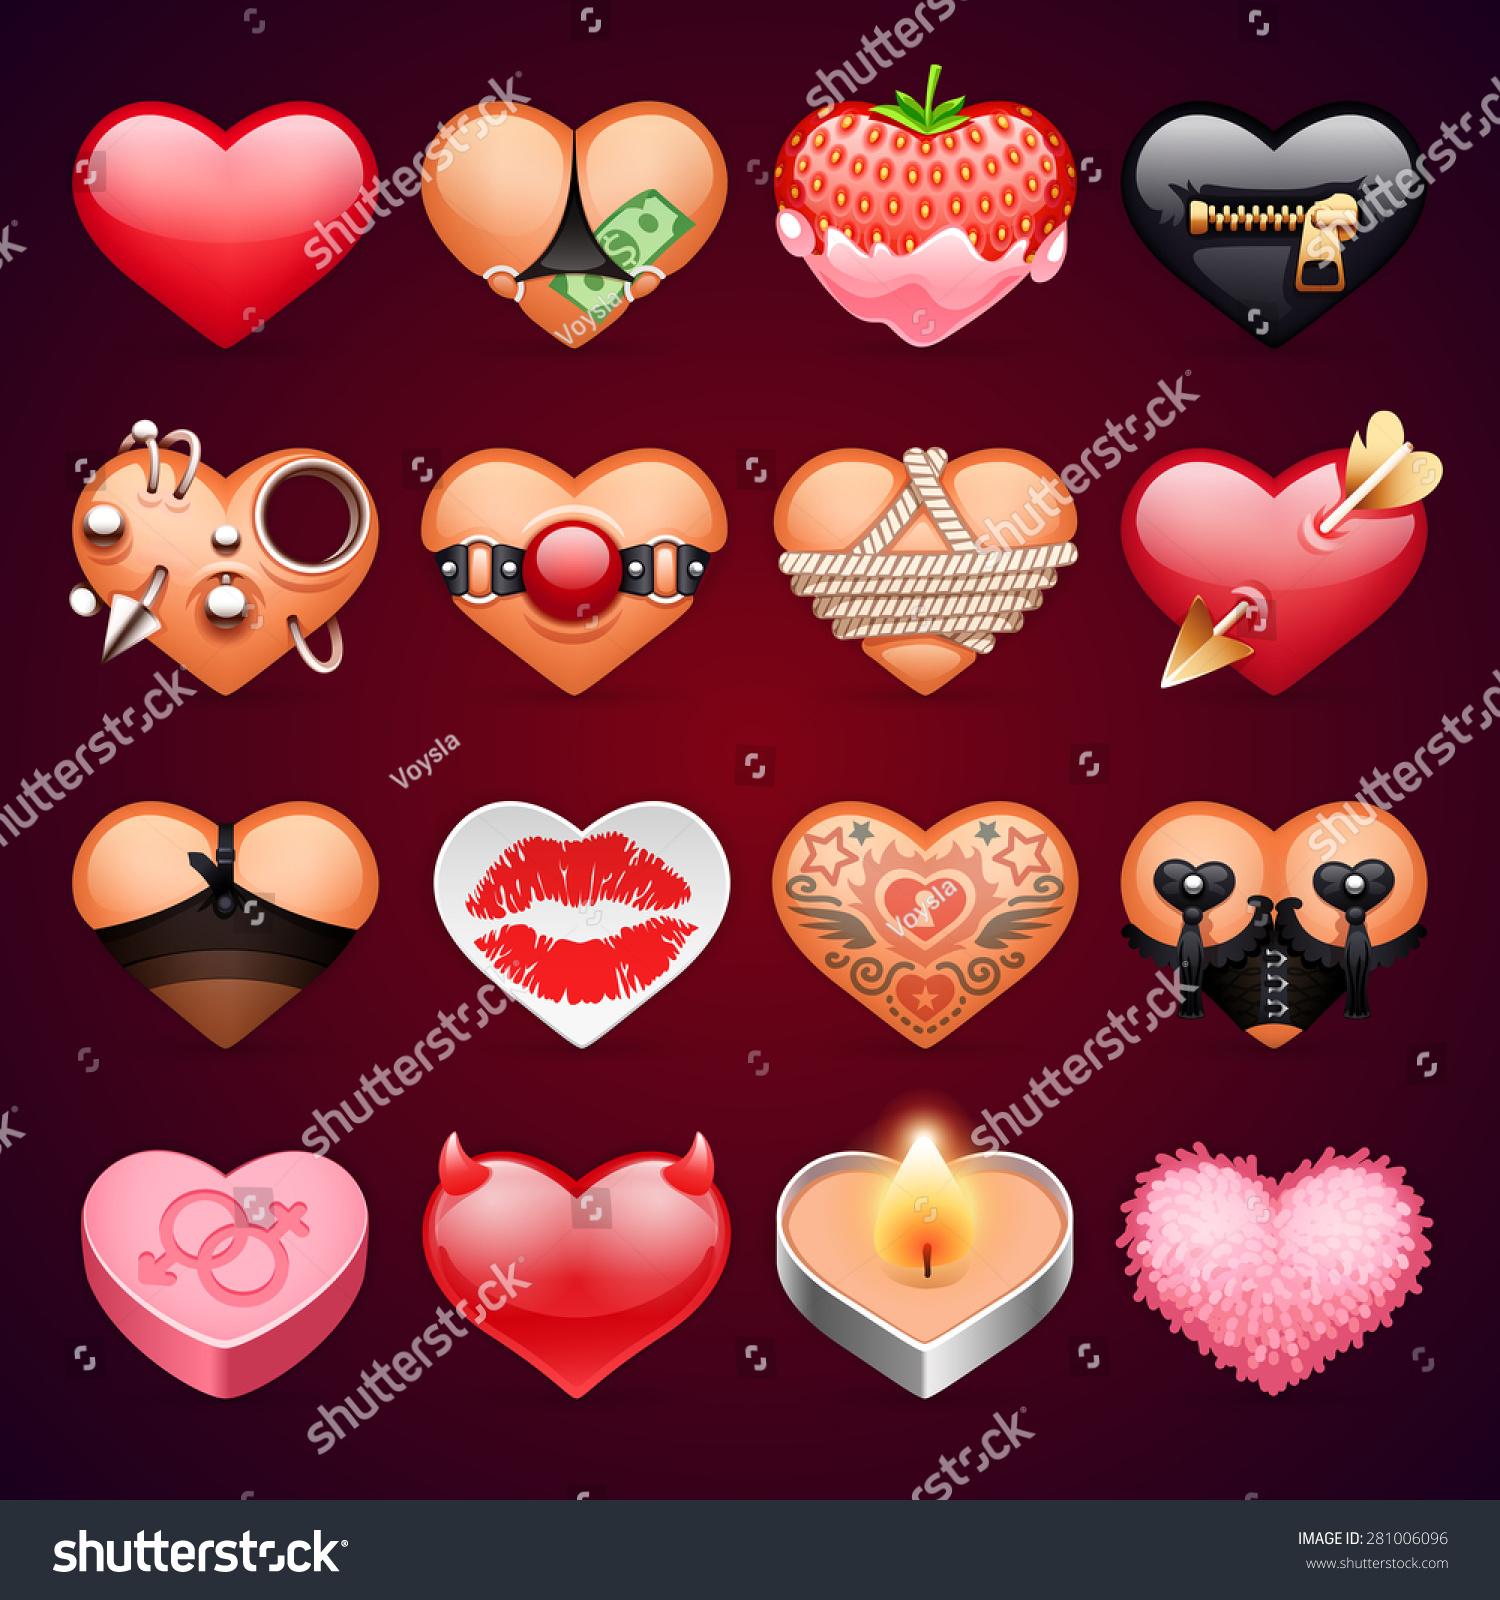 SUE: Erotic valentines pics